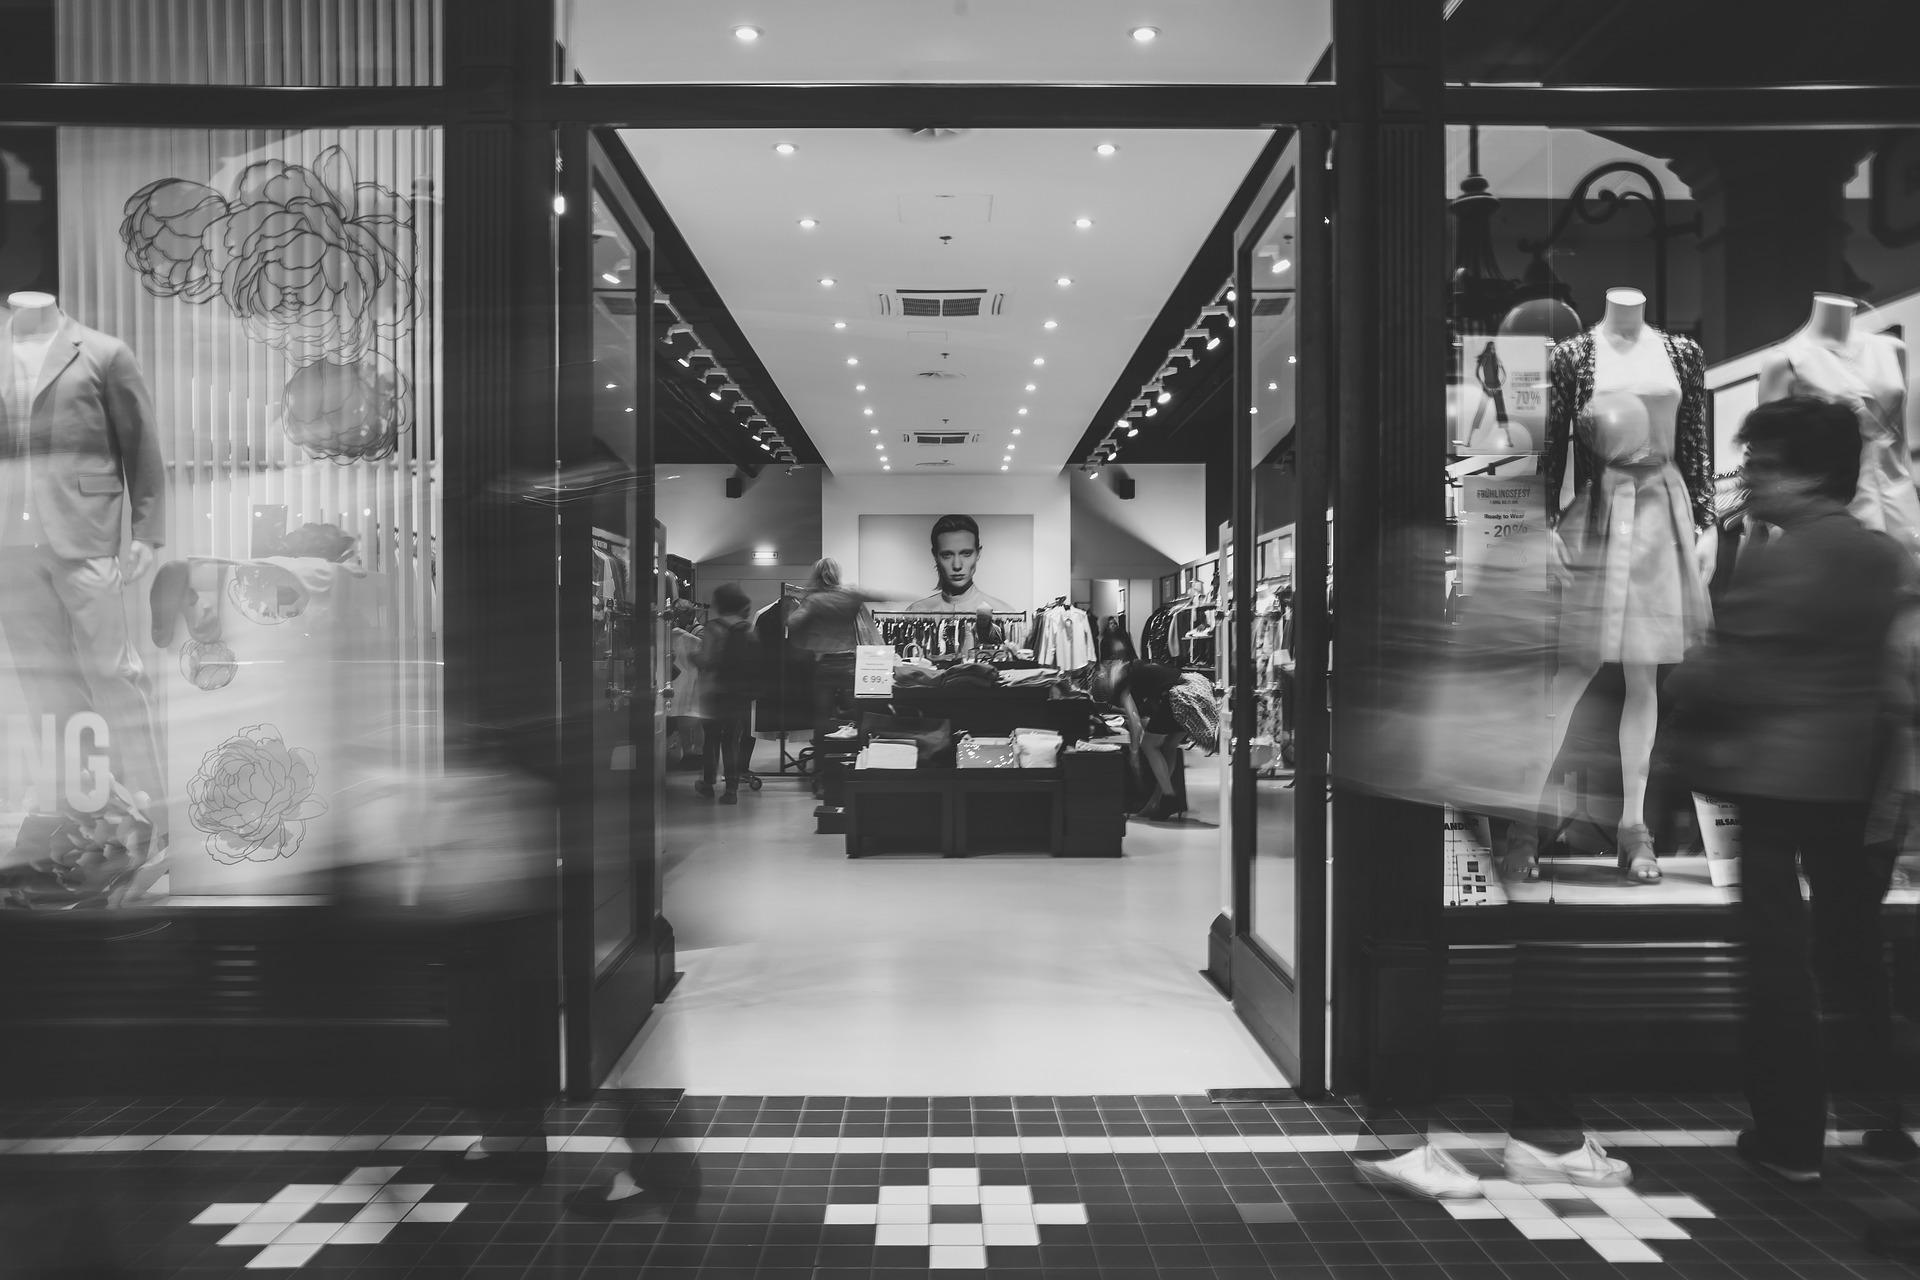 実際の買い物体験から考える、顧客とブランドの関係